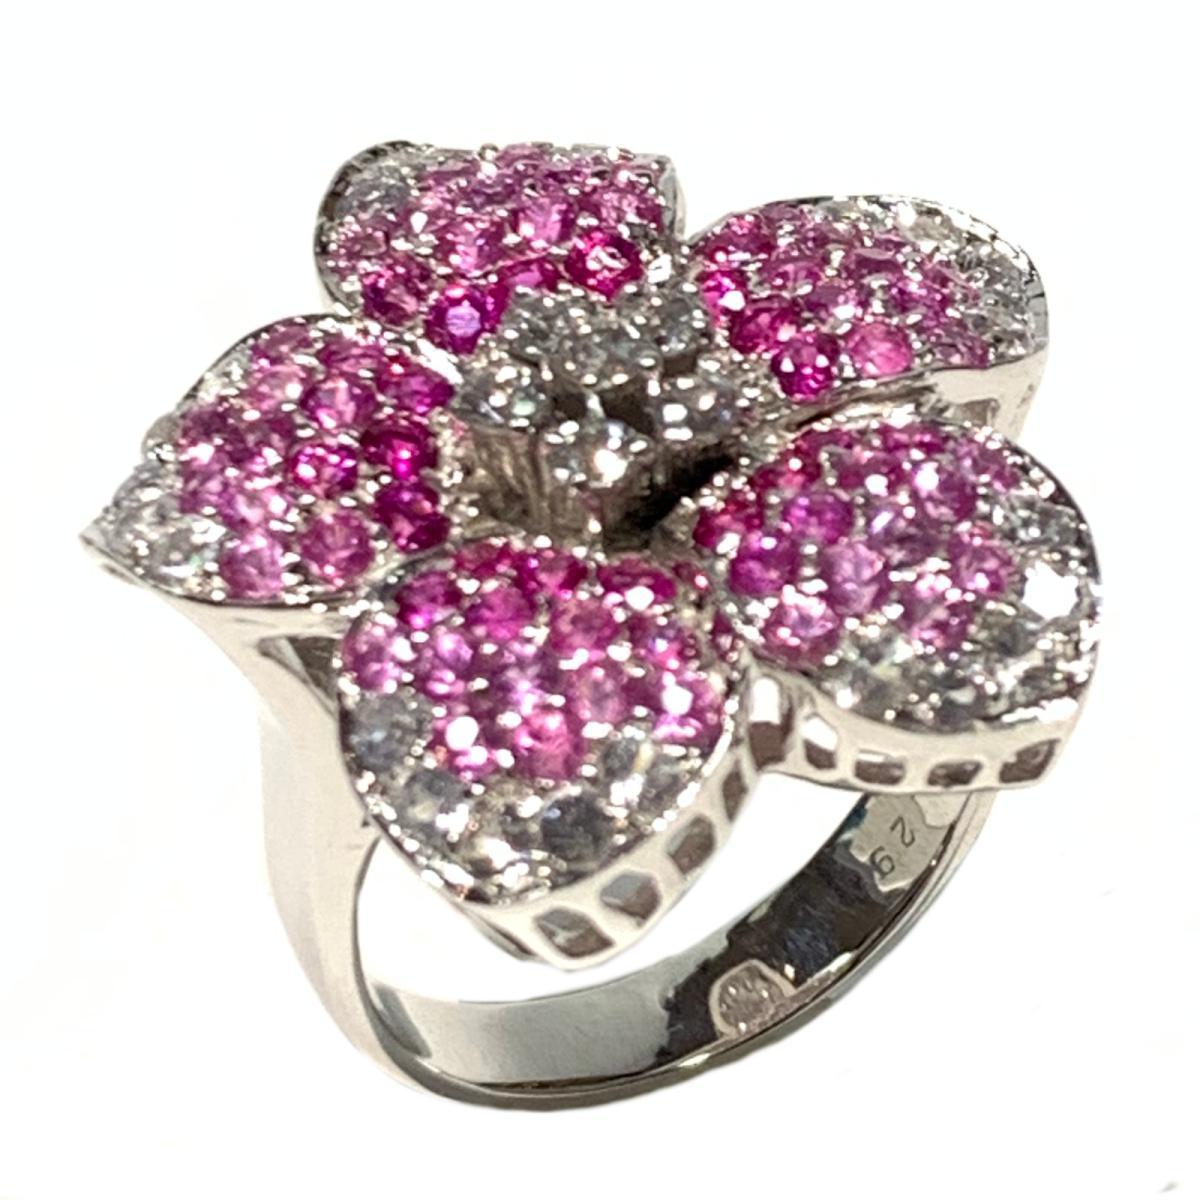 ジュエリー ダイヤモンド 指輪 リング ノーブランドジュエリー レディース K14WGホワイトゴールドシルバー x ピンクJEWELRY BRANDOFF ブランドオフ アクセサリーlK1cFJ